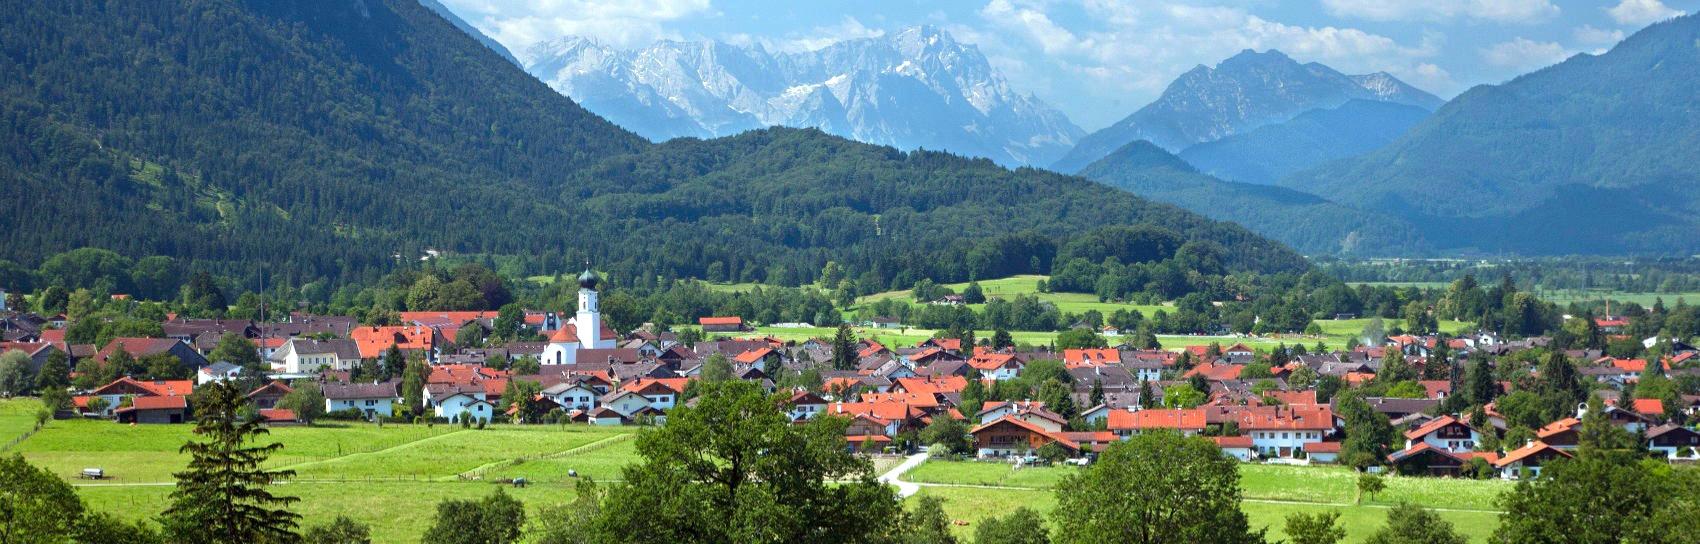 Zugspitz-Gipfelsturm_Ziel in Sicht_edite